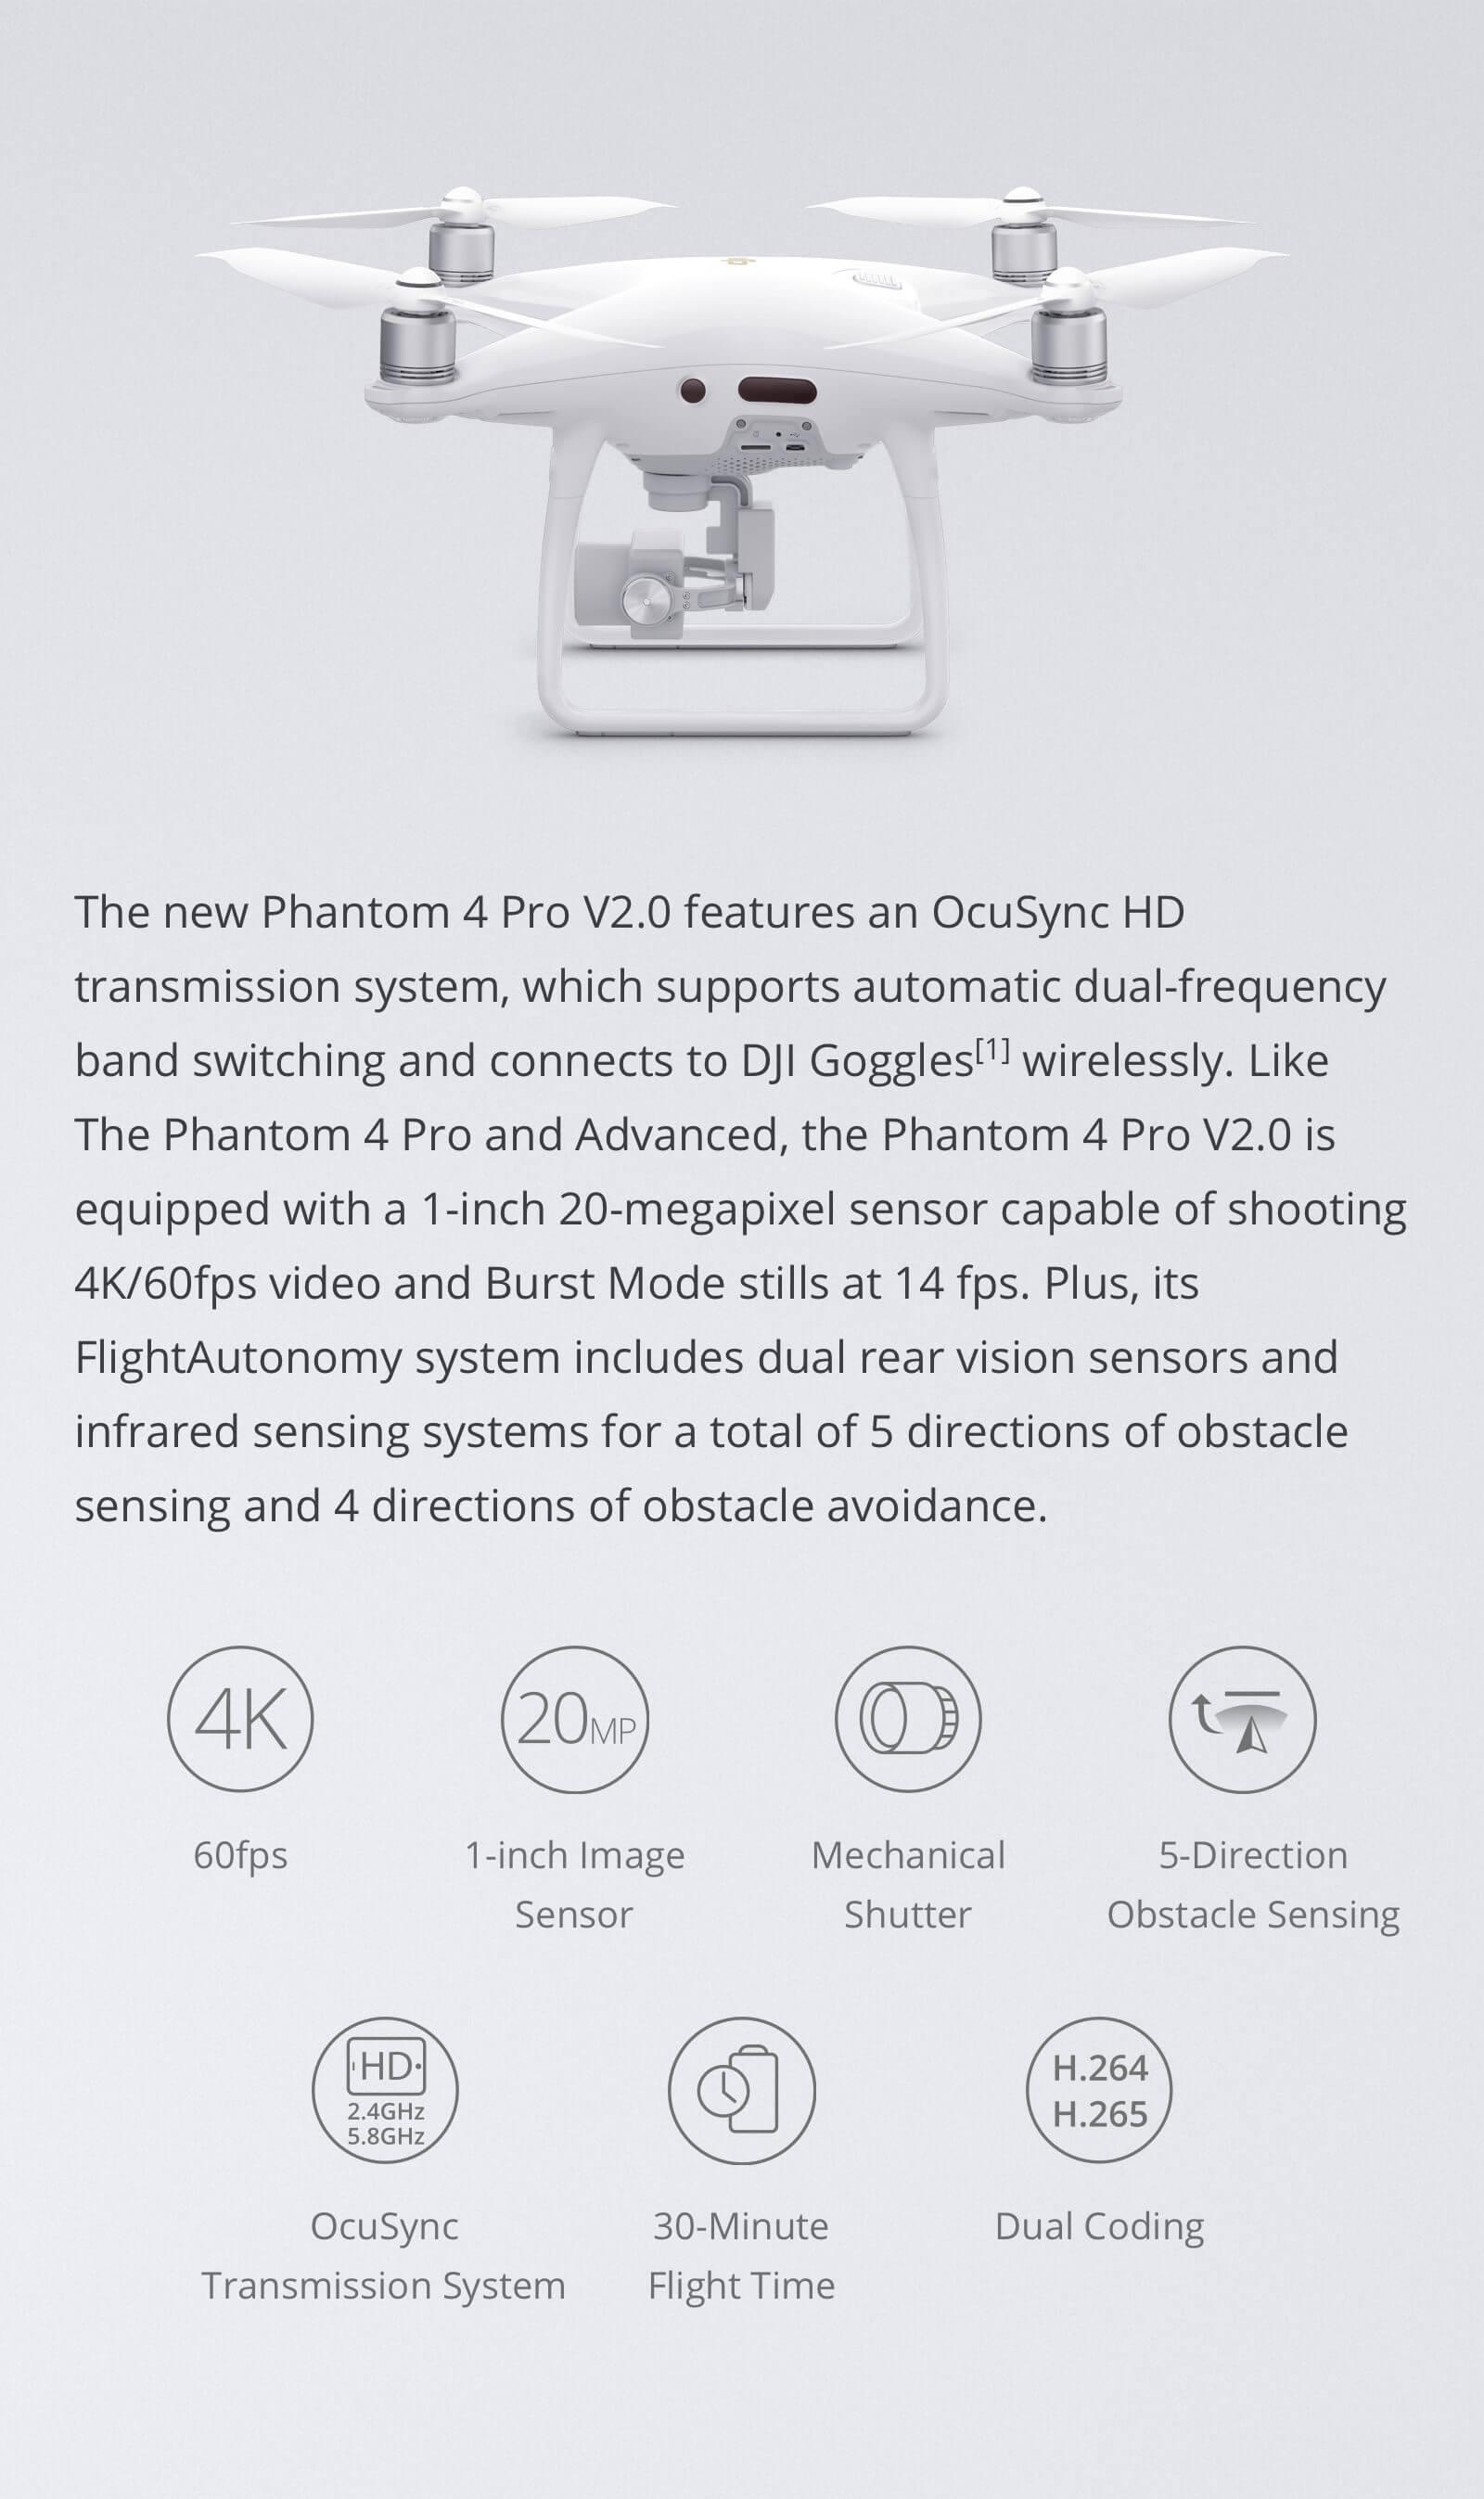 Phantom 4 Pro V2.0 & Pro+ V2.0